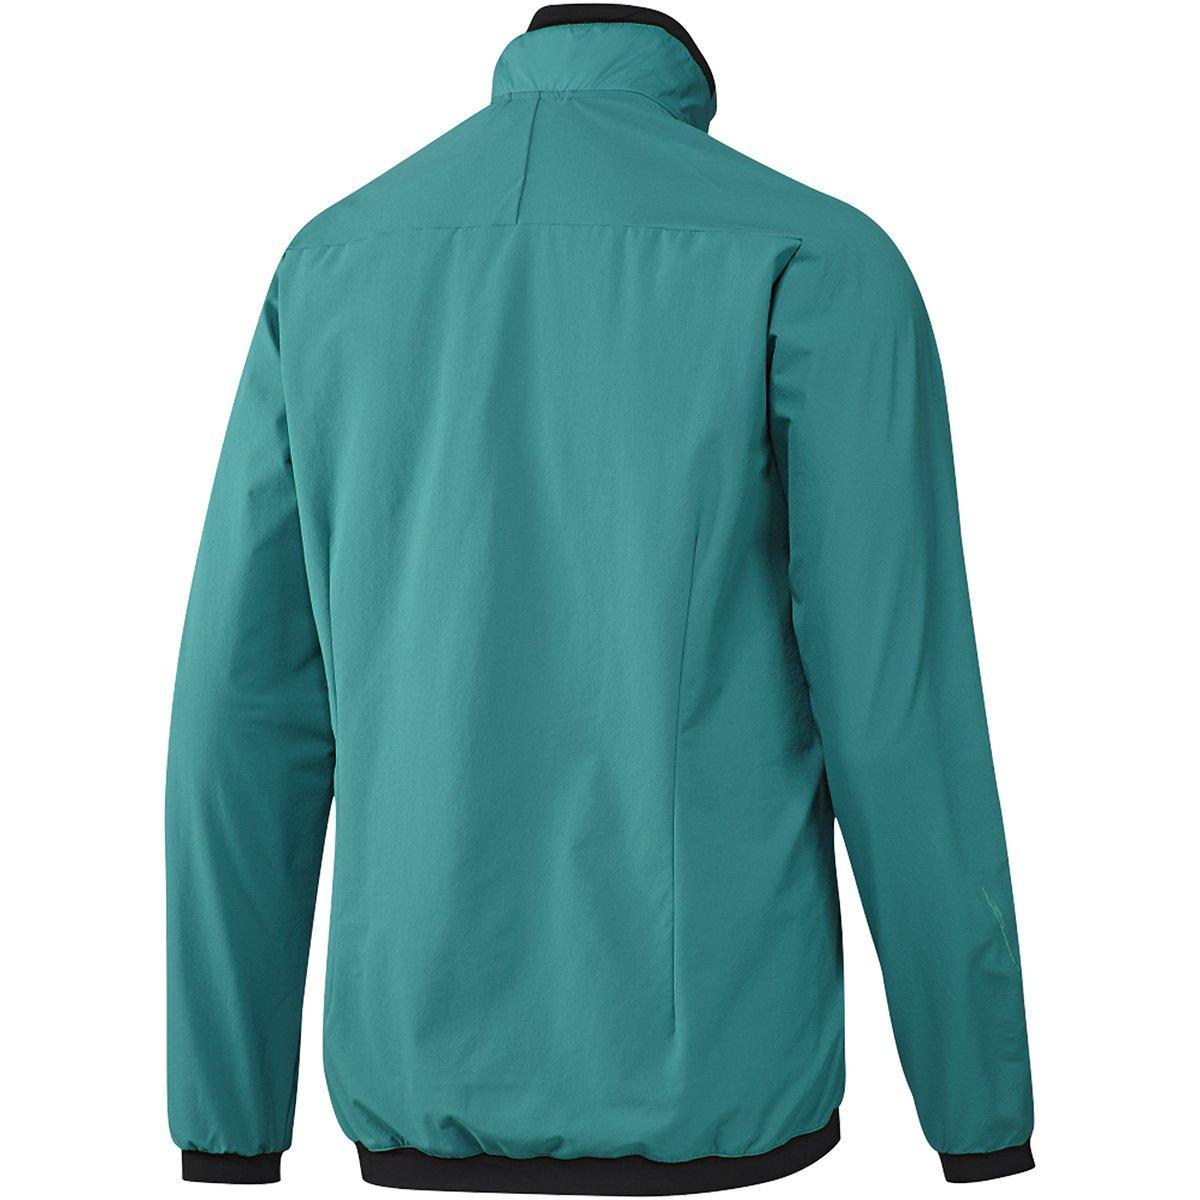 e3d9c8549a88 adidas Outdoor Men s Terrex Skyclimb 2 Insulation Jacket